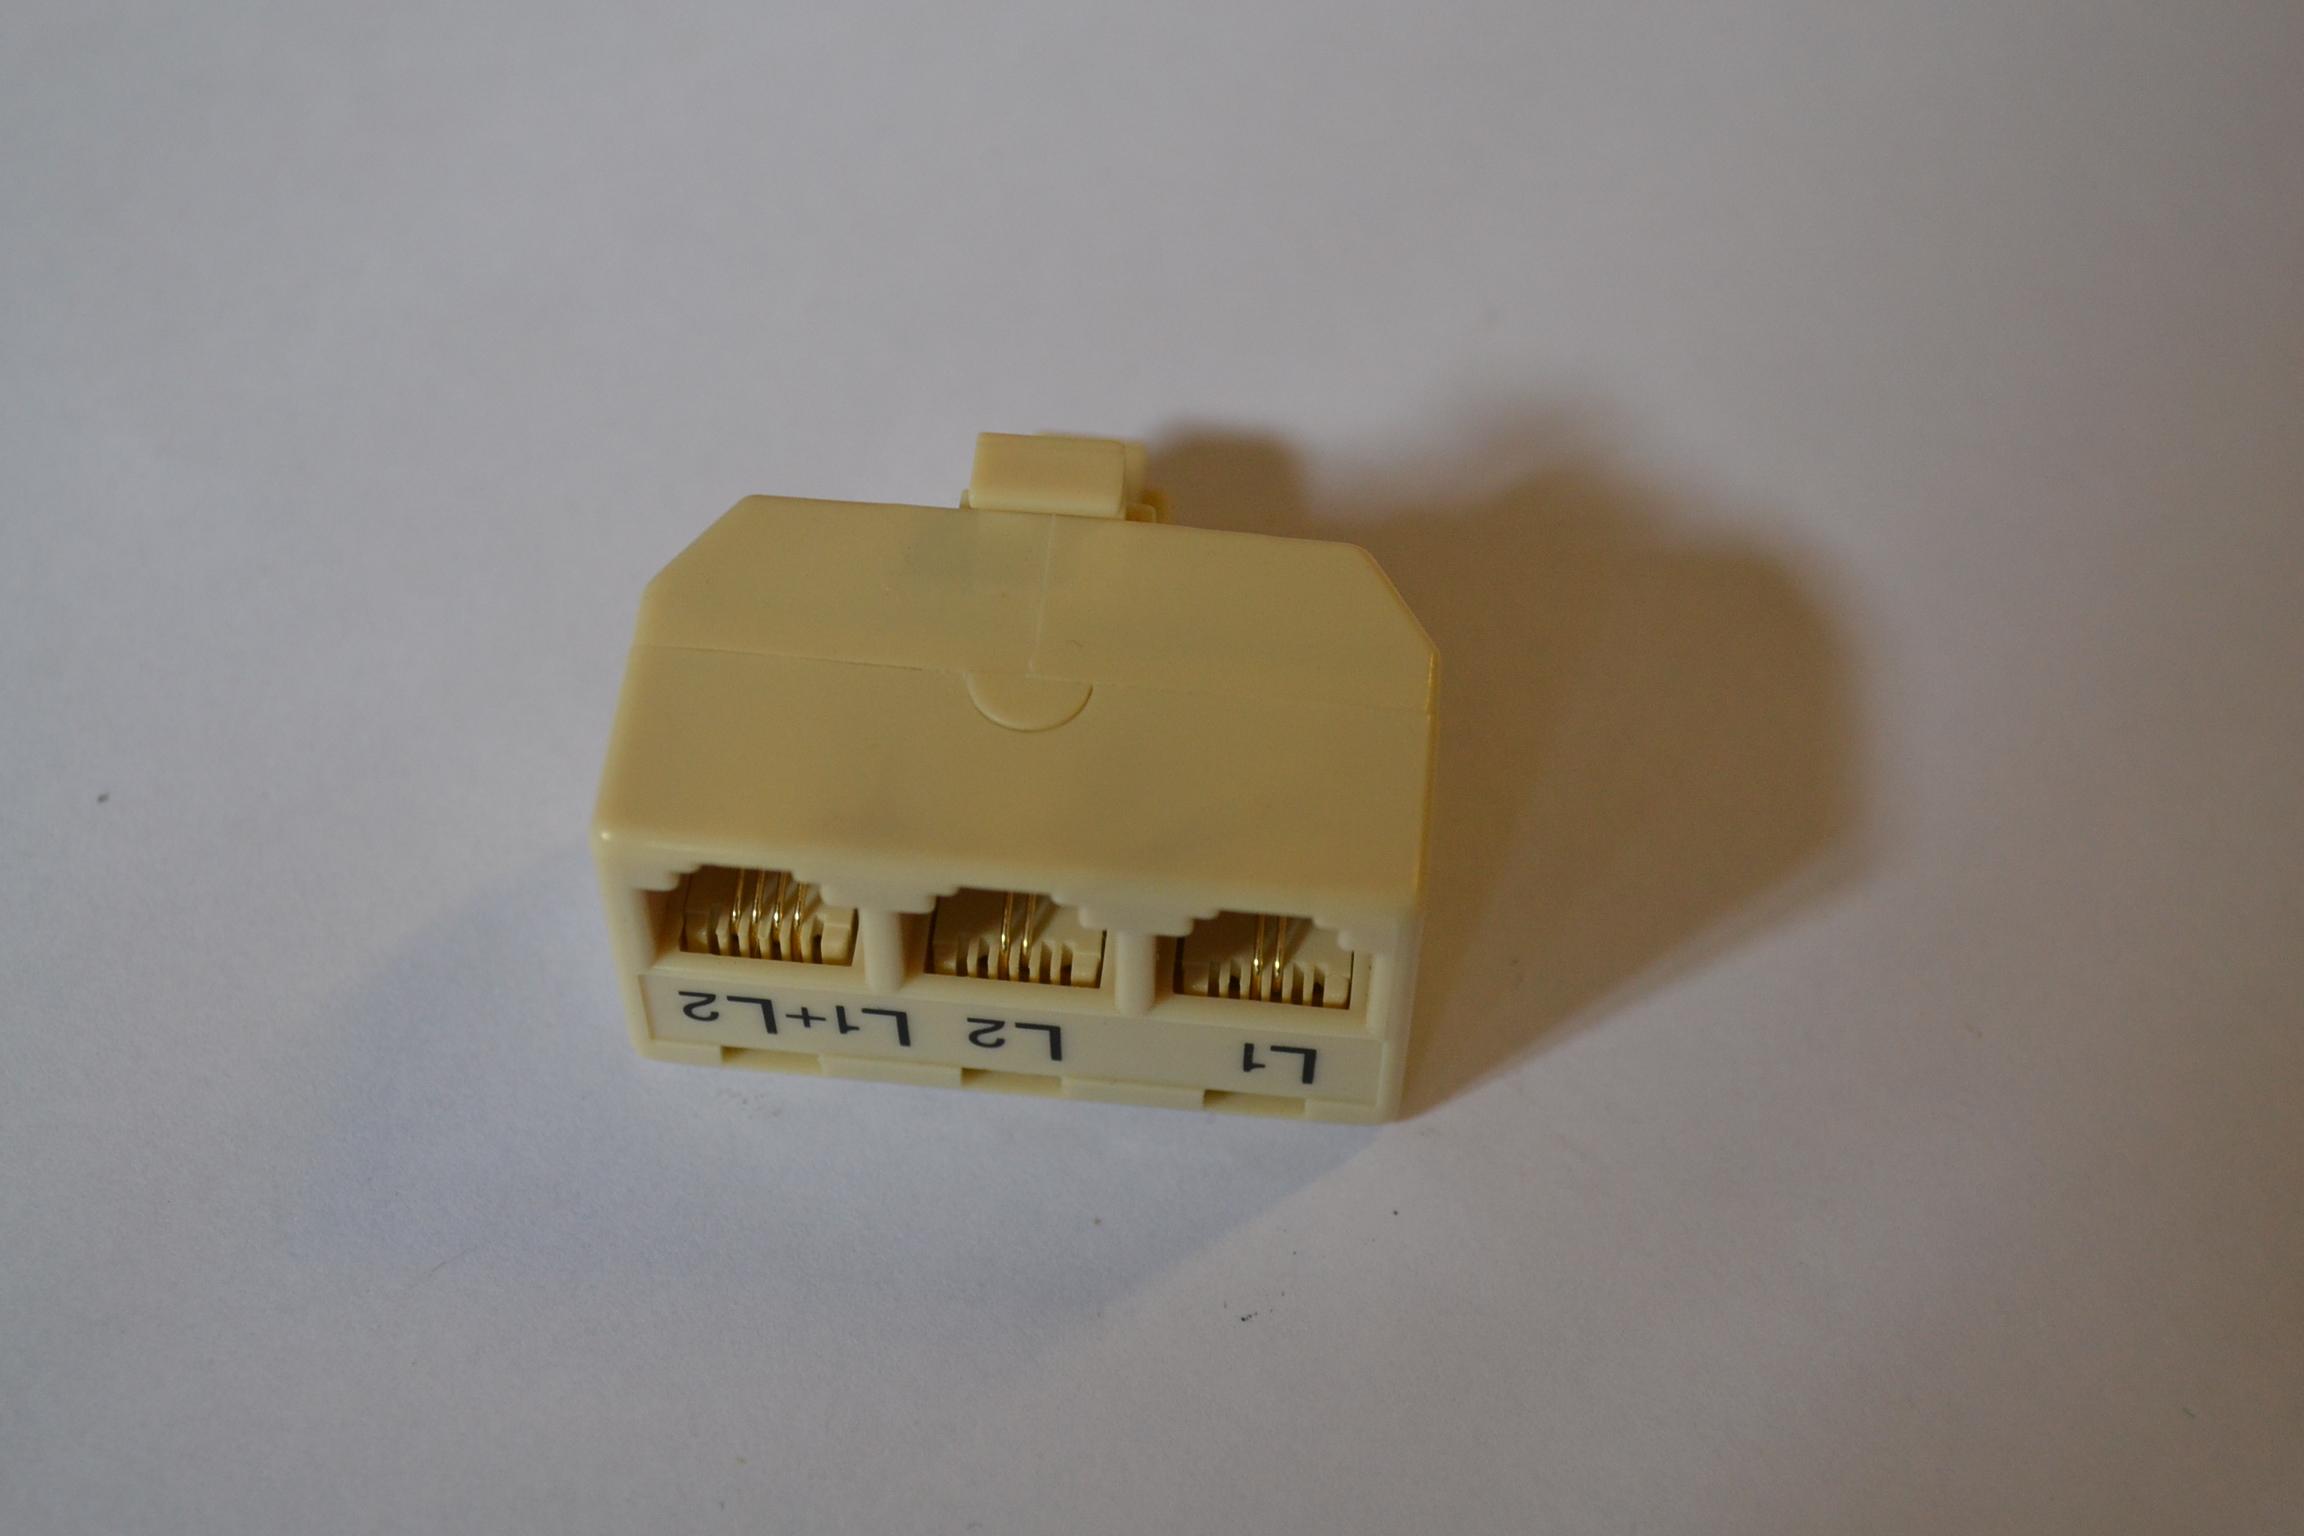 3 Way Plastic Modular Adaptor L1 L2 L1-2 Telephone